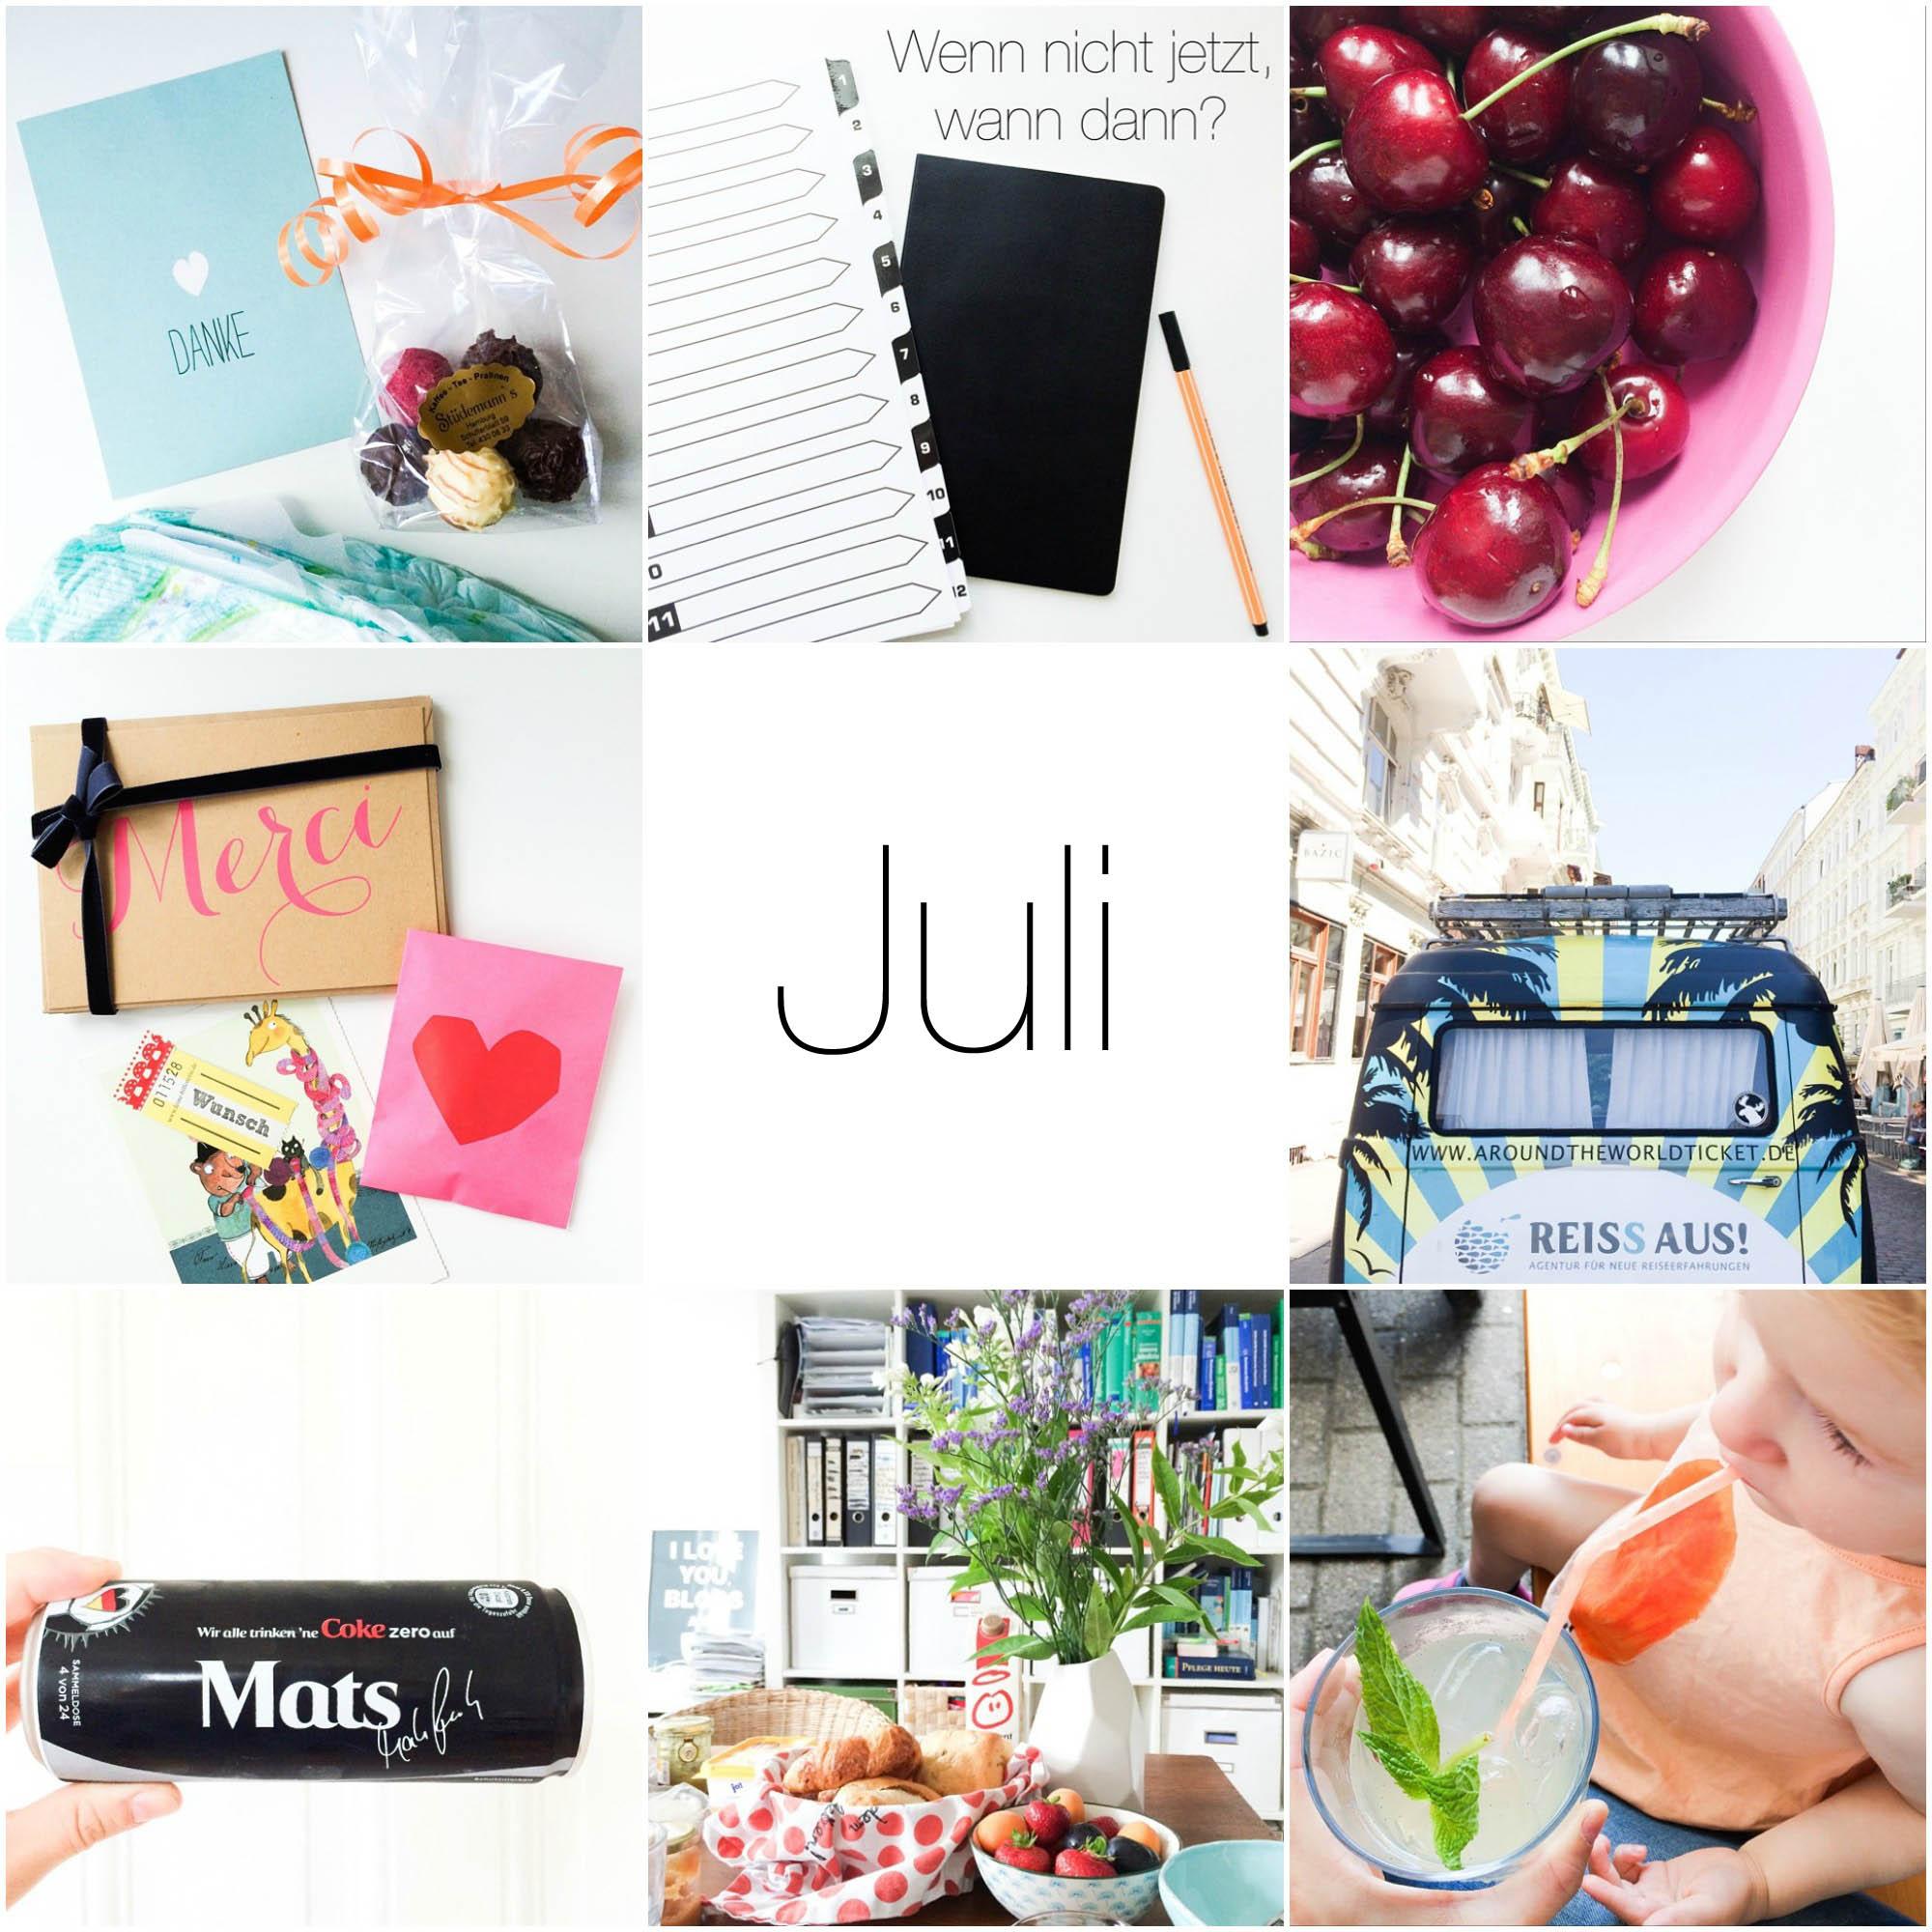 Instagram Rückblick Juli 1.1